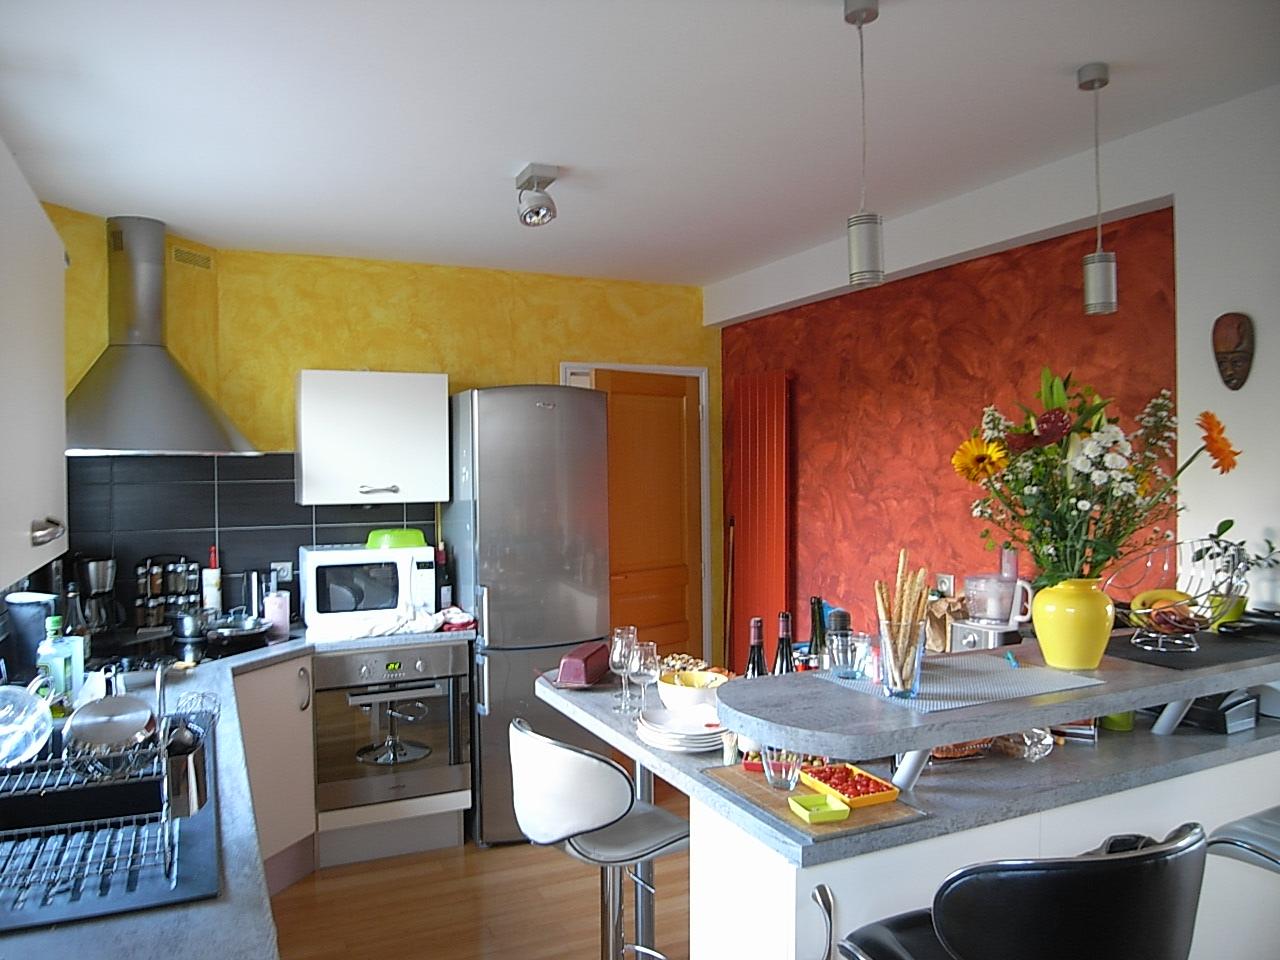 Cuisine peinture peinture frehel deco for Peinture avec effet